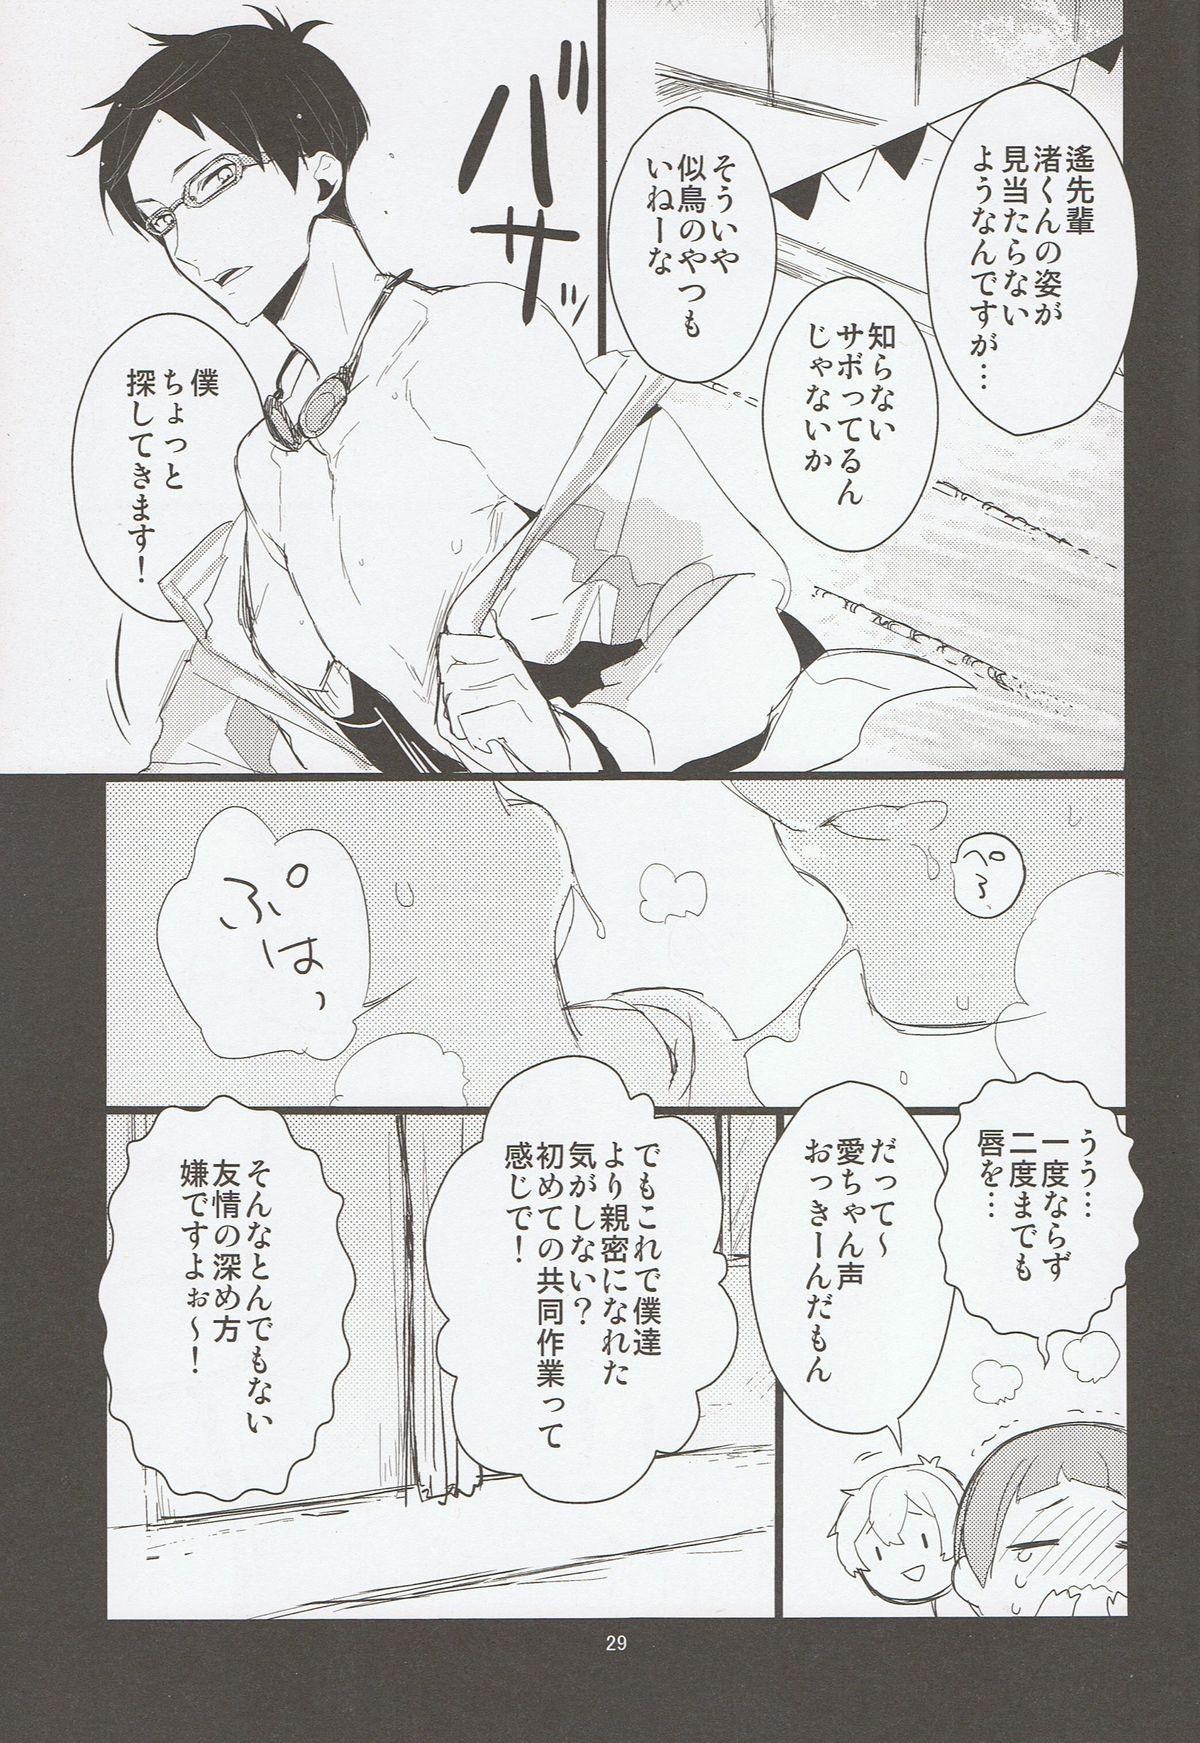 (C86) [MERYx3 (Numeri)] Nagisa-kun to Nitori-kun wo Muriyari Karamaseta Hon (Free!) 27